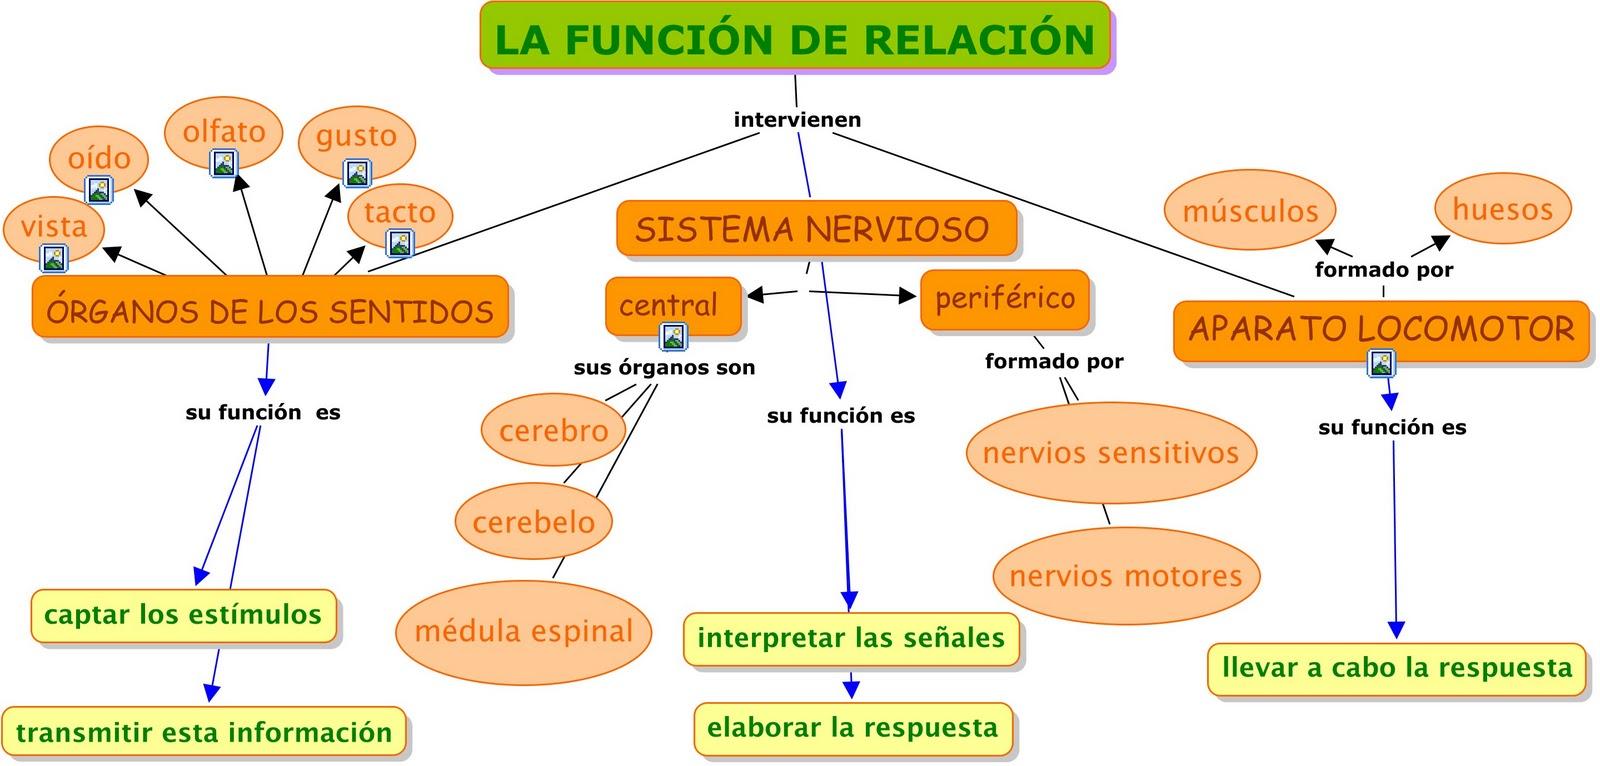 Resultado de imagen de la función de relación